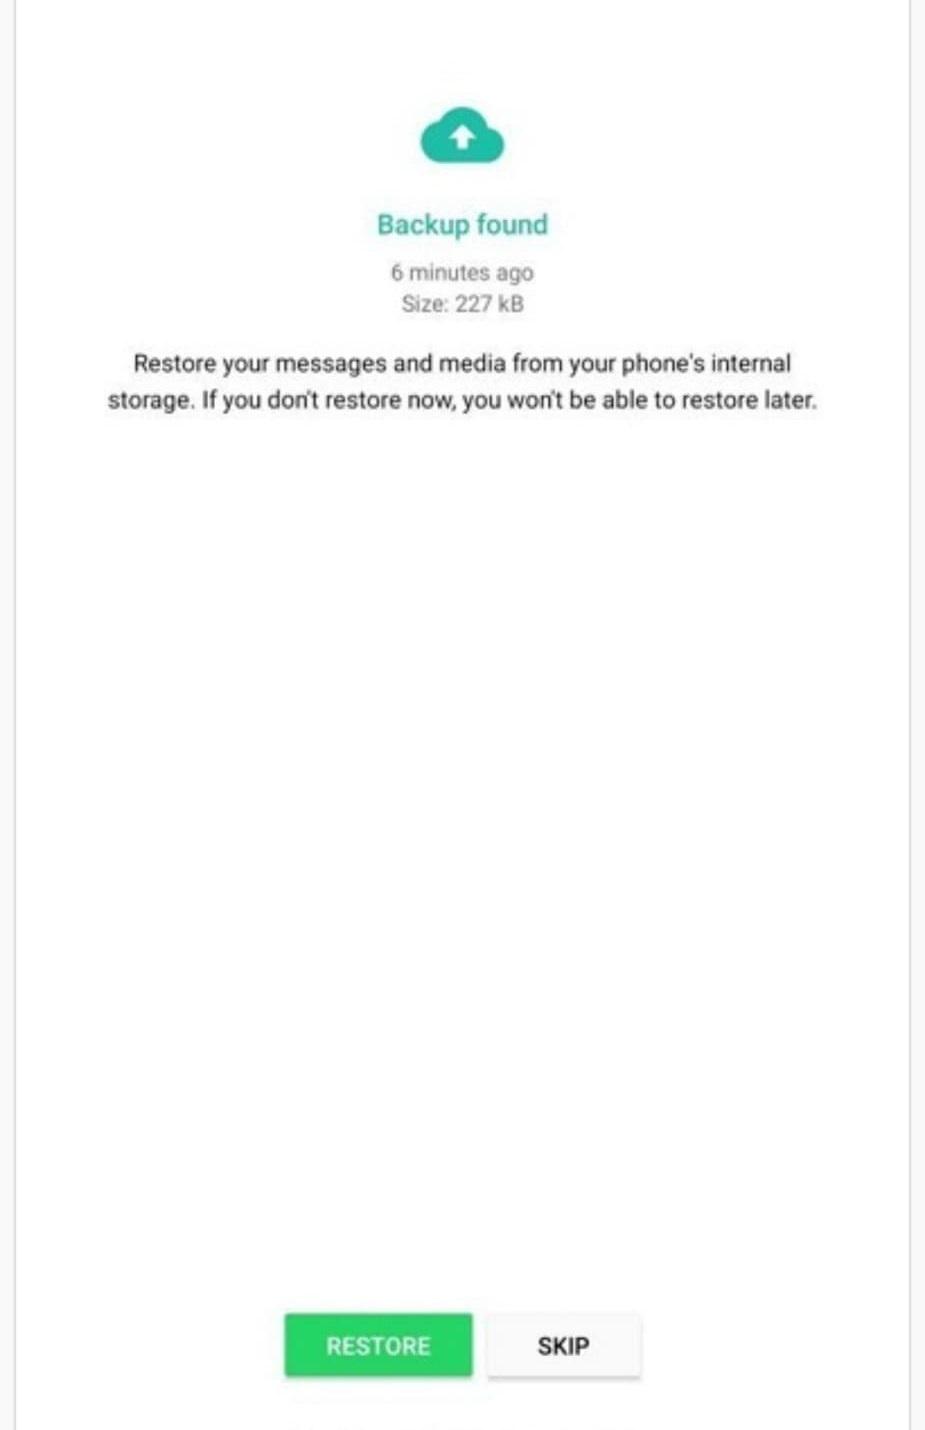 واتساپ : چت های حذف شده در واتساپ